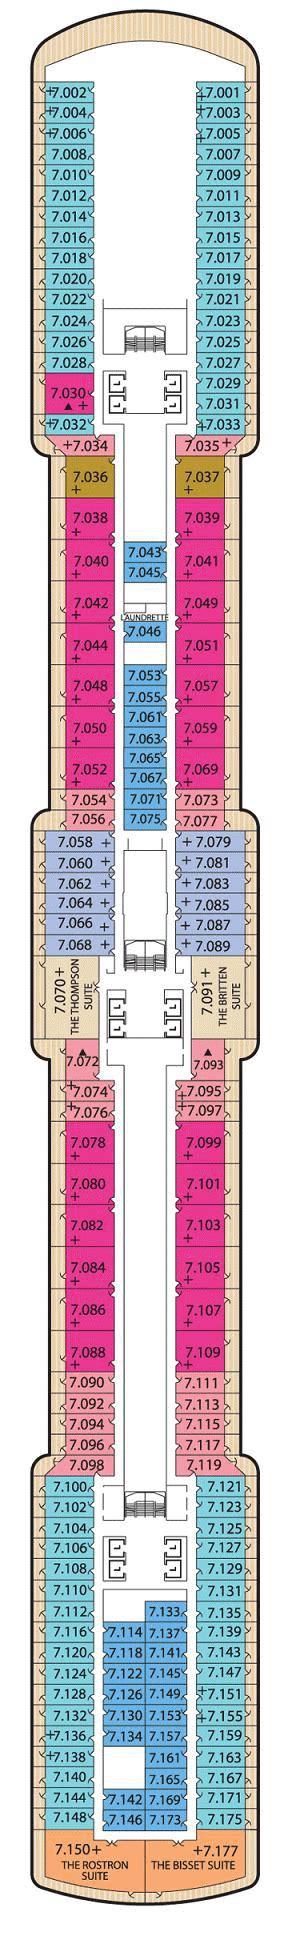 Deck Plan Elizabeth by Cunard Cruises Elizabeth Deck Plans